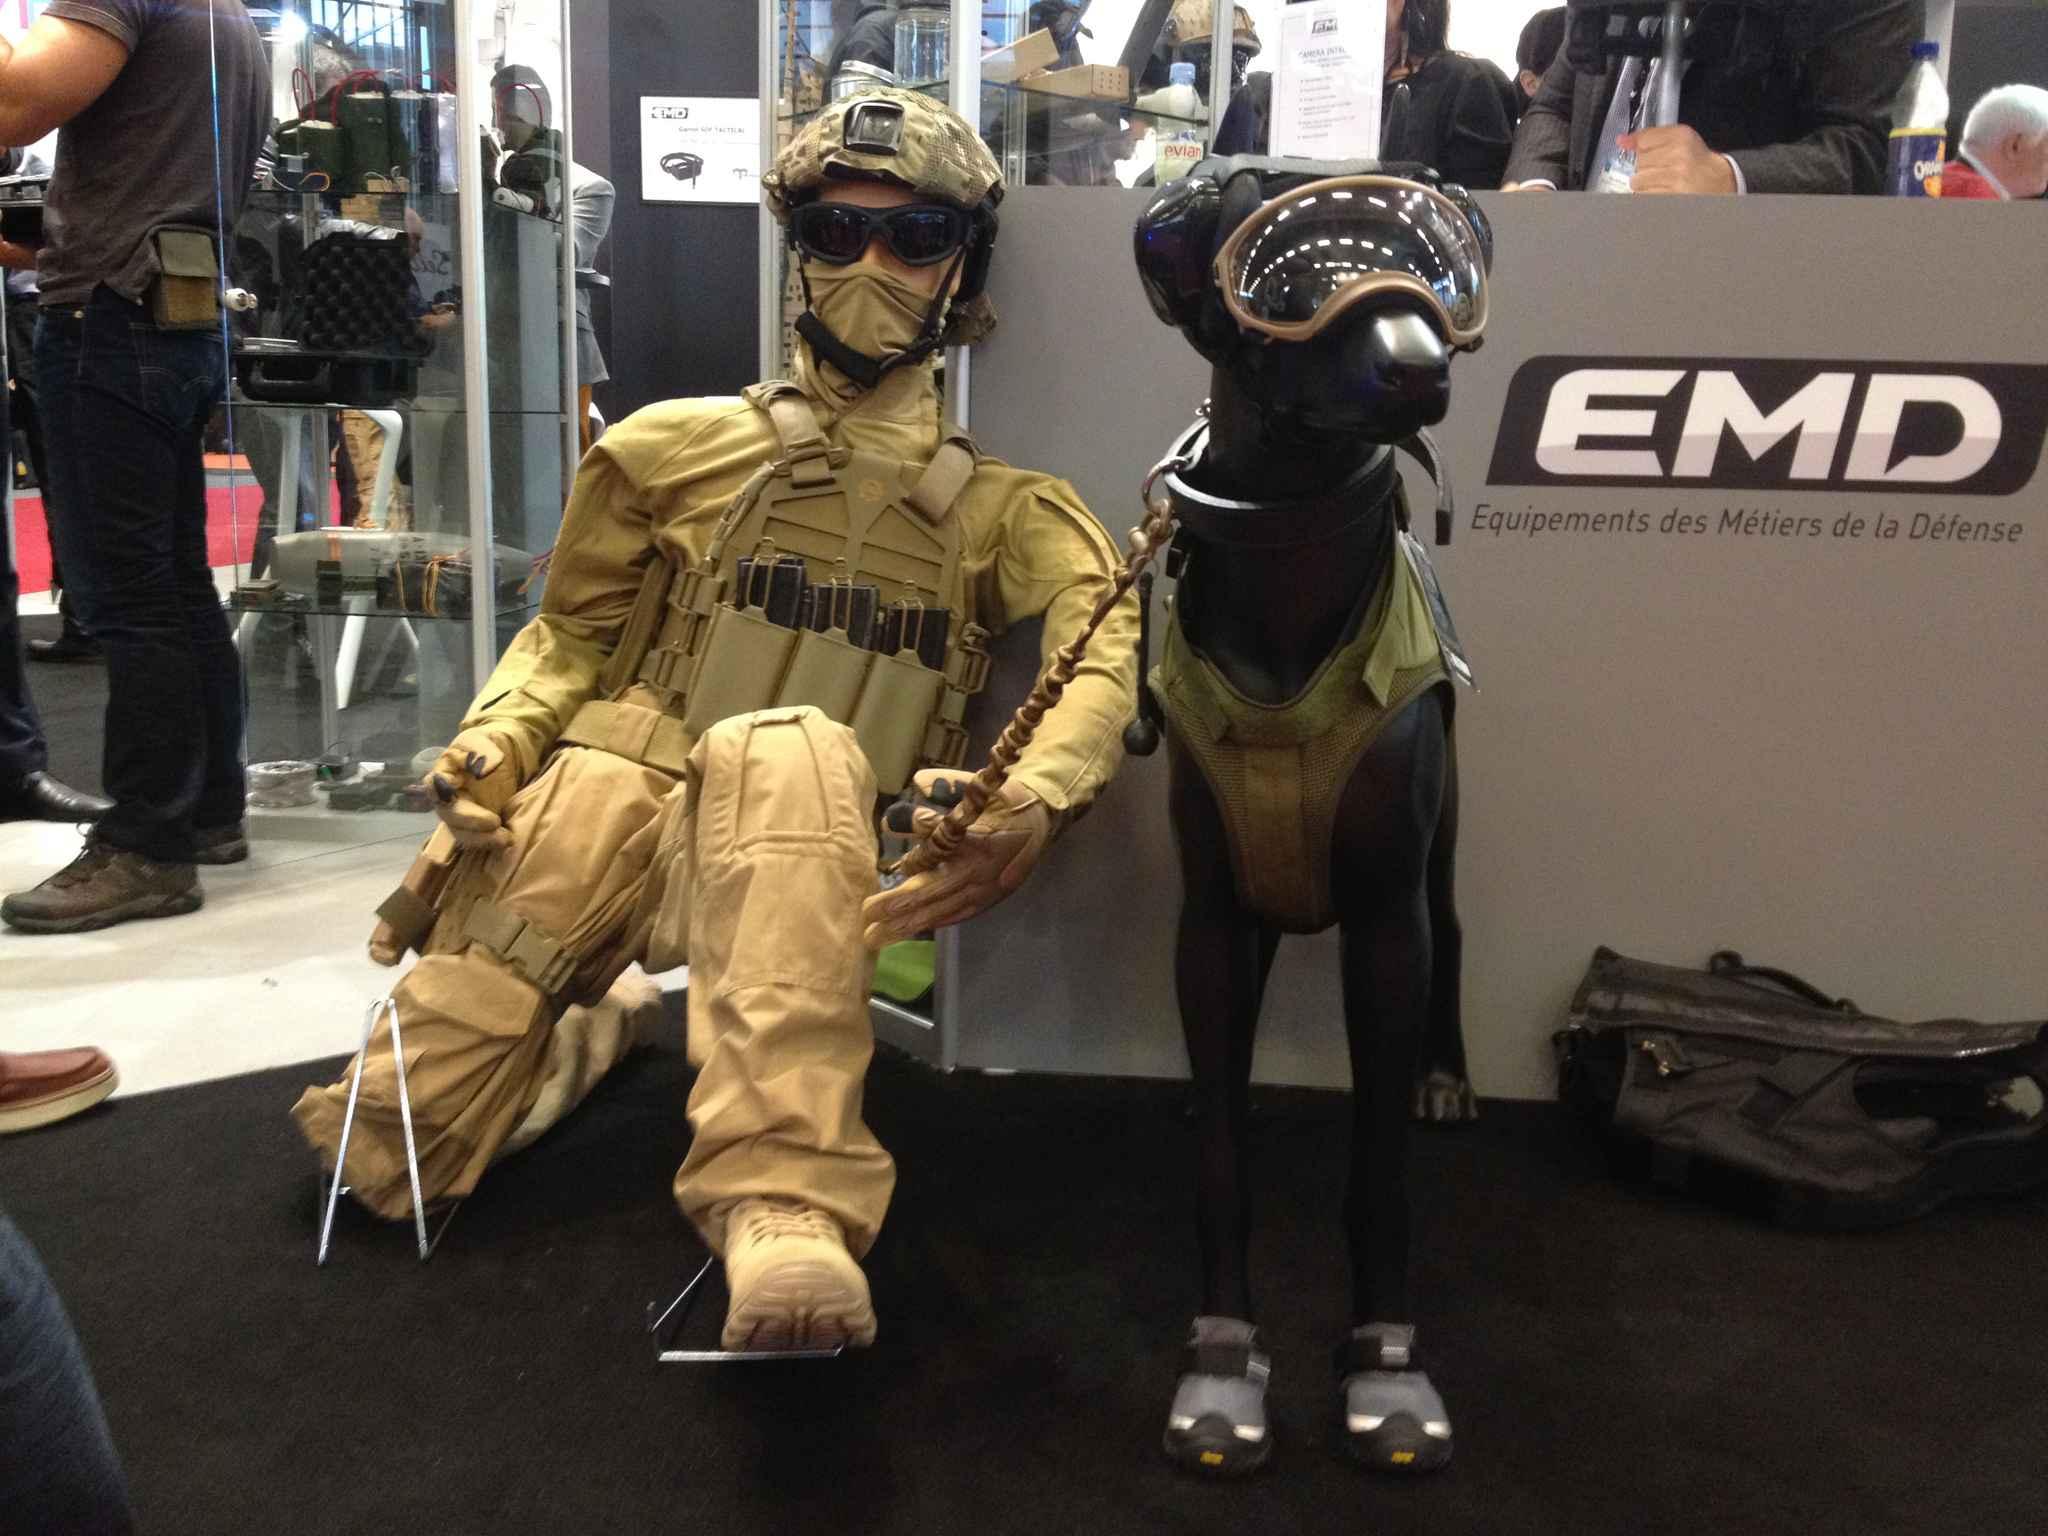 Salon milipol l 39 quipement sur mesure des chiens de combat - Salon au parc des expositions villepinte ...